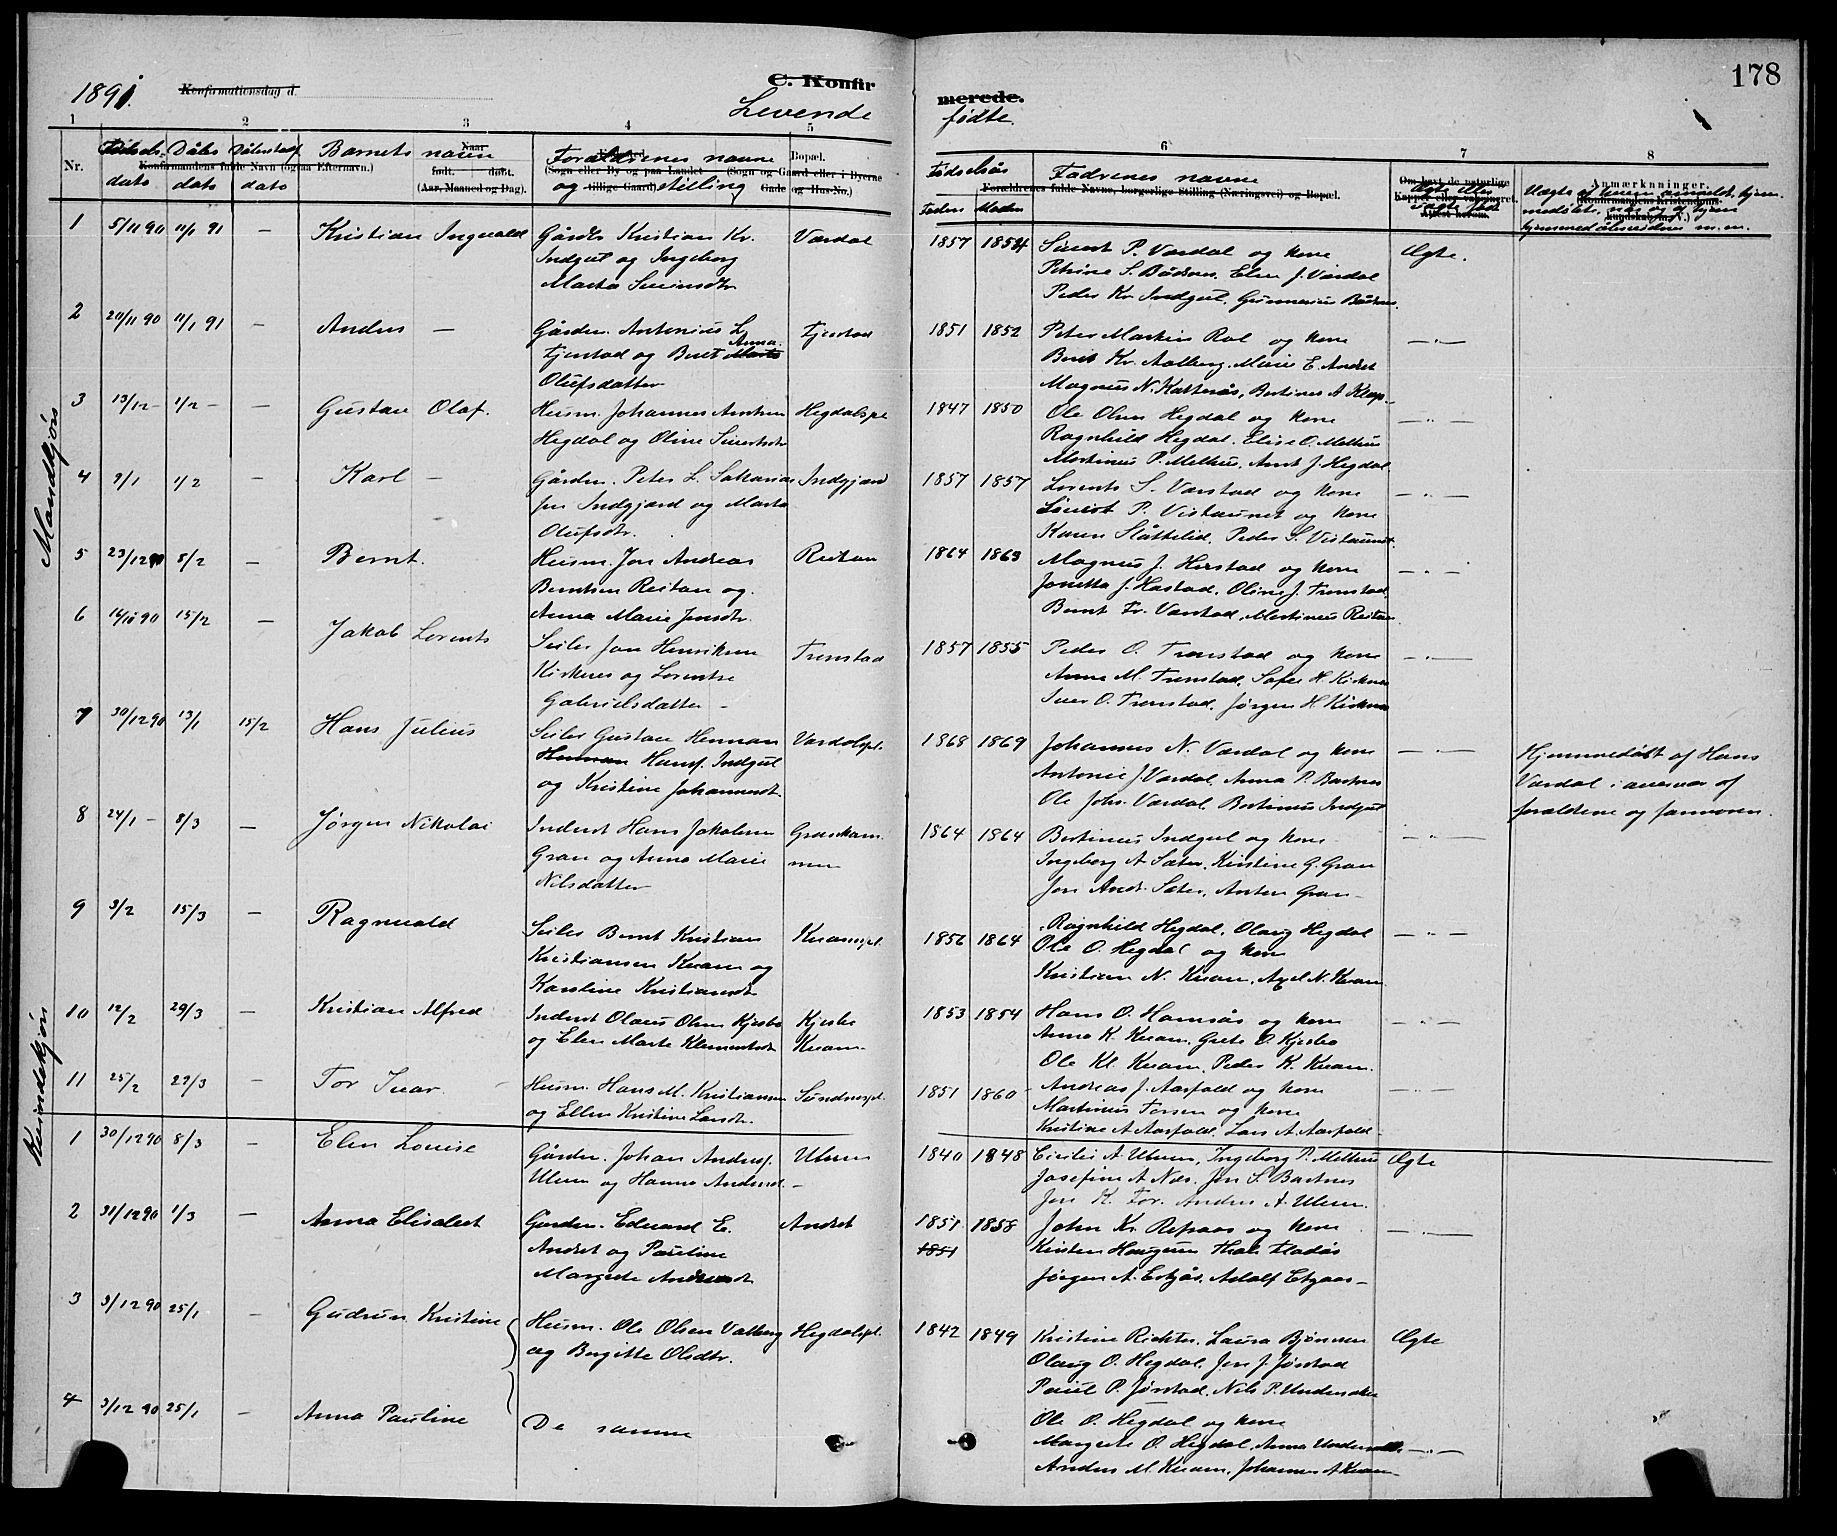 SAT, Ministerialprotokoller, klokkerbøker og fødselsregistre - Nord-Trøndelag, 730/L0301: Klokkerbok nr. 730C04, 1880-1897, s. 178